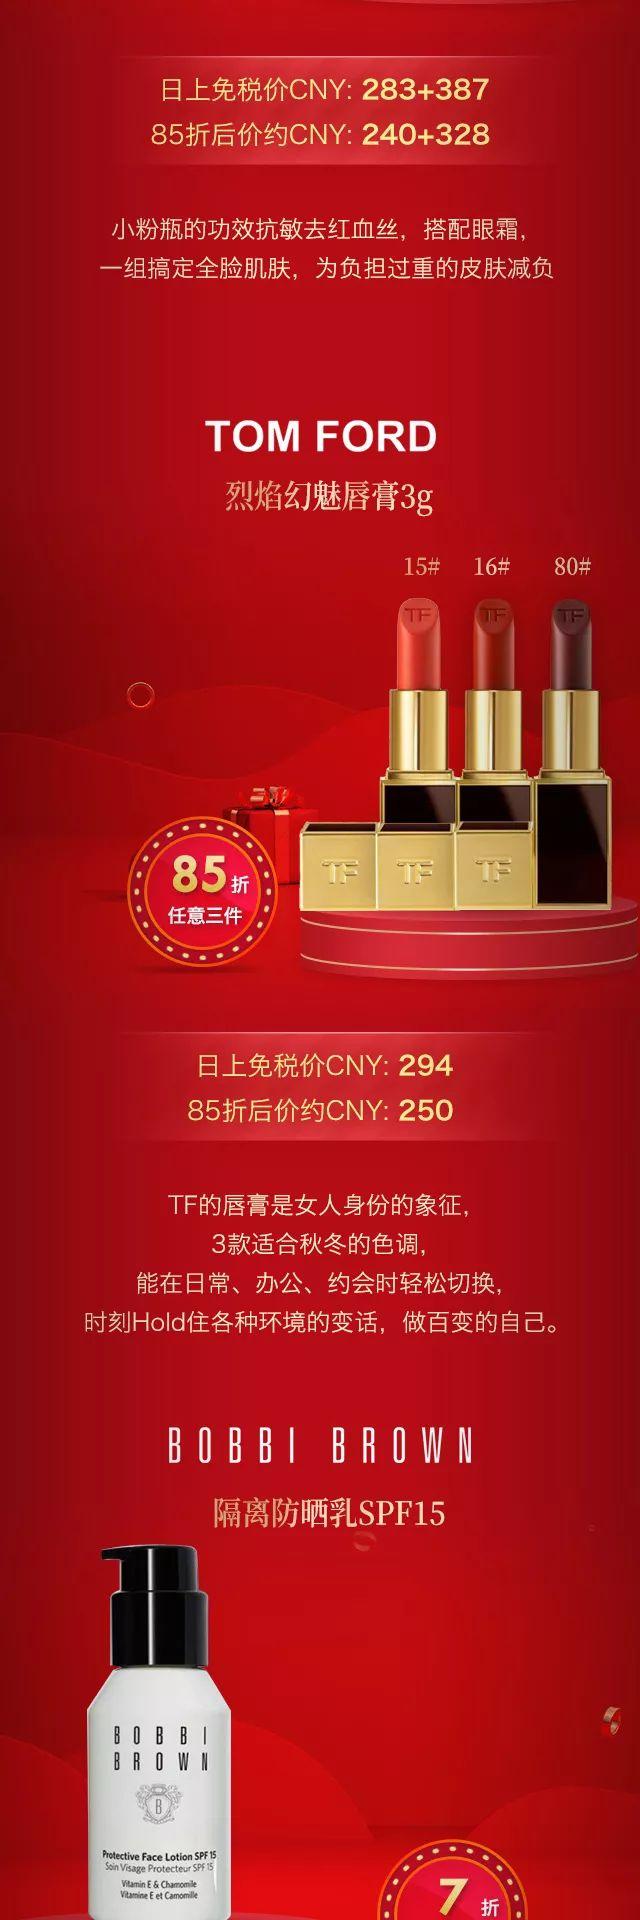 日上免税行上海十月新品及特惠清单(附价格)